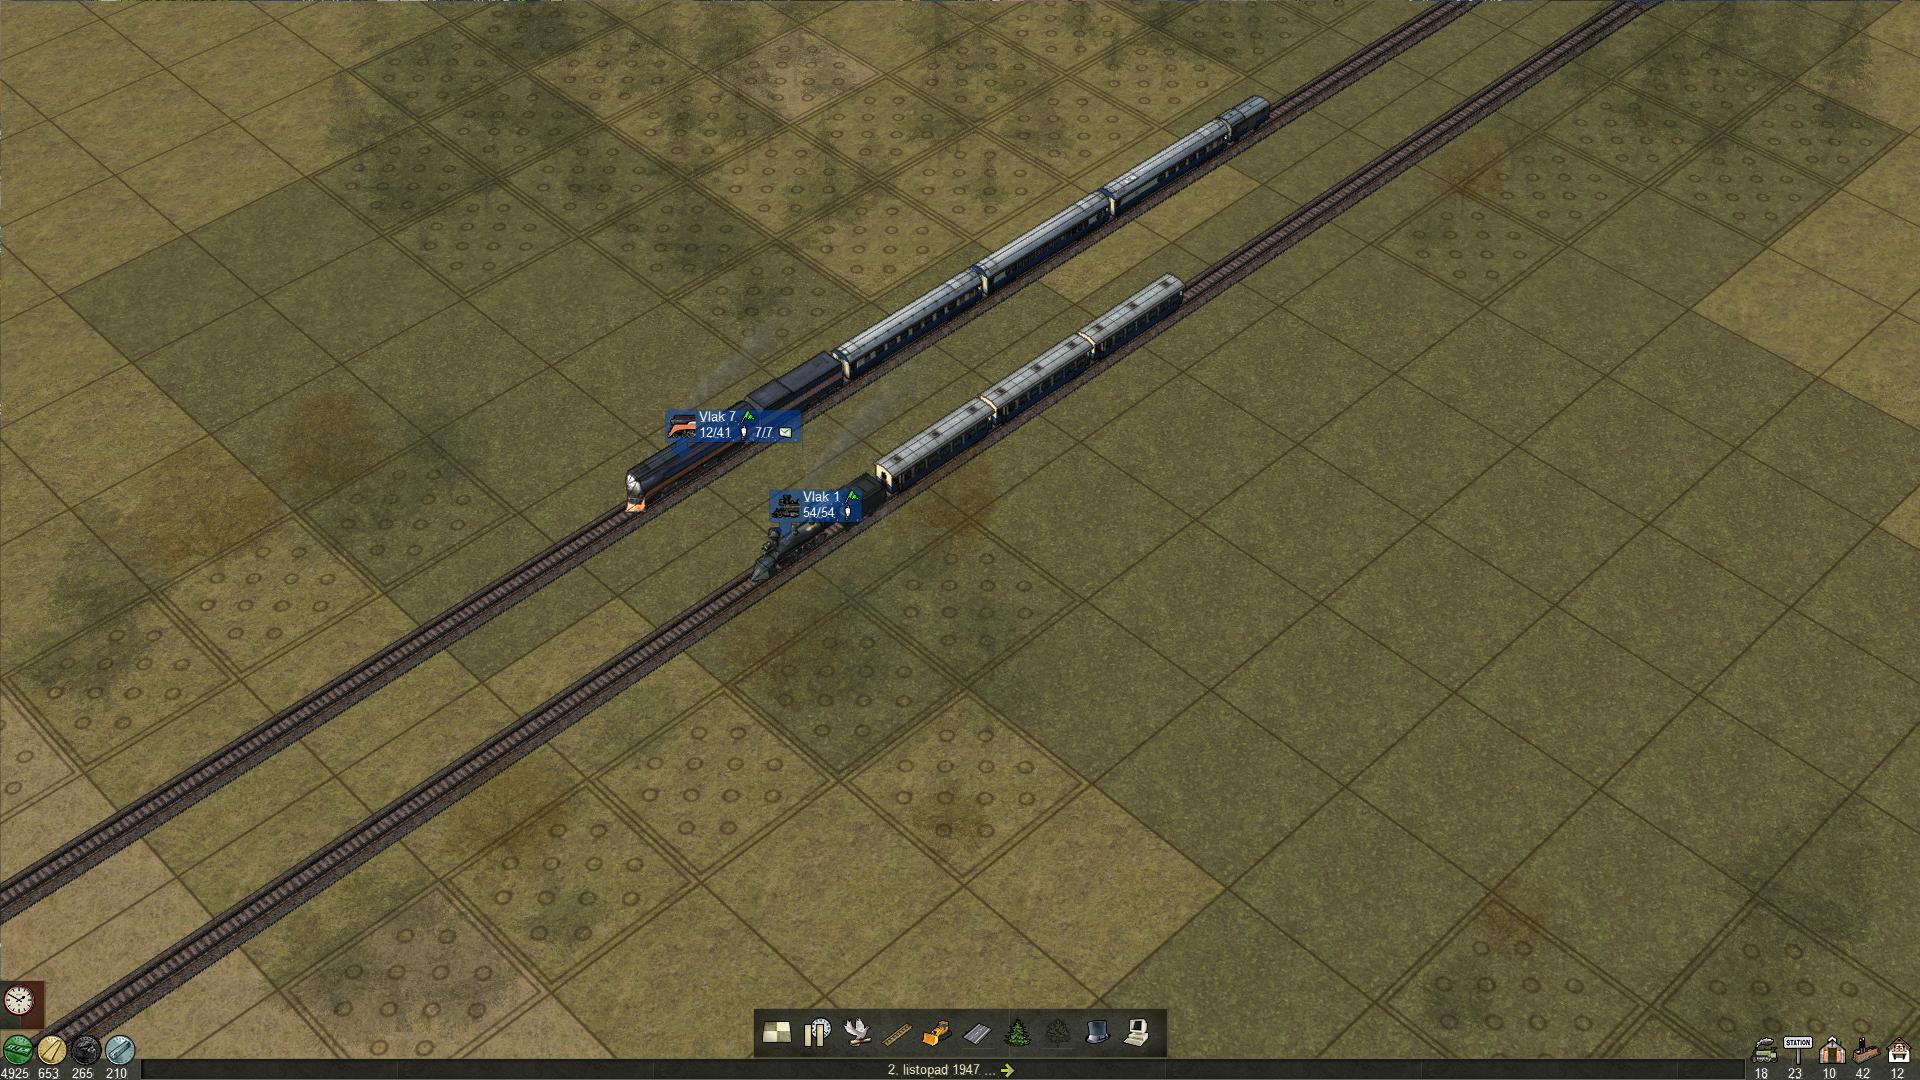 Obrovské srovnání. Transport Tycoon x Transport Fever x Mashinky 13667